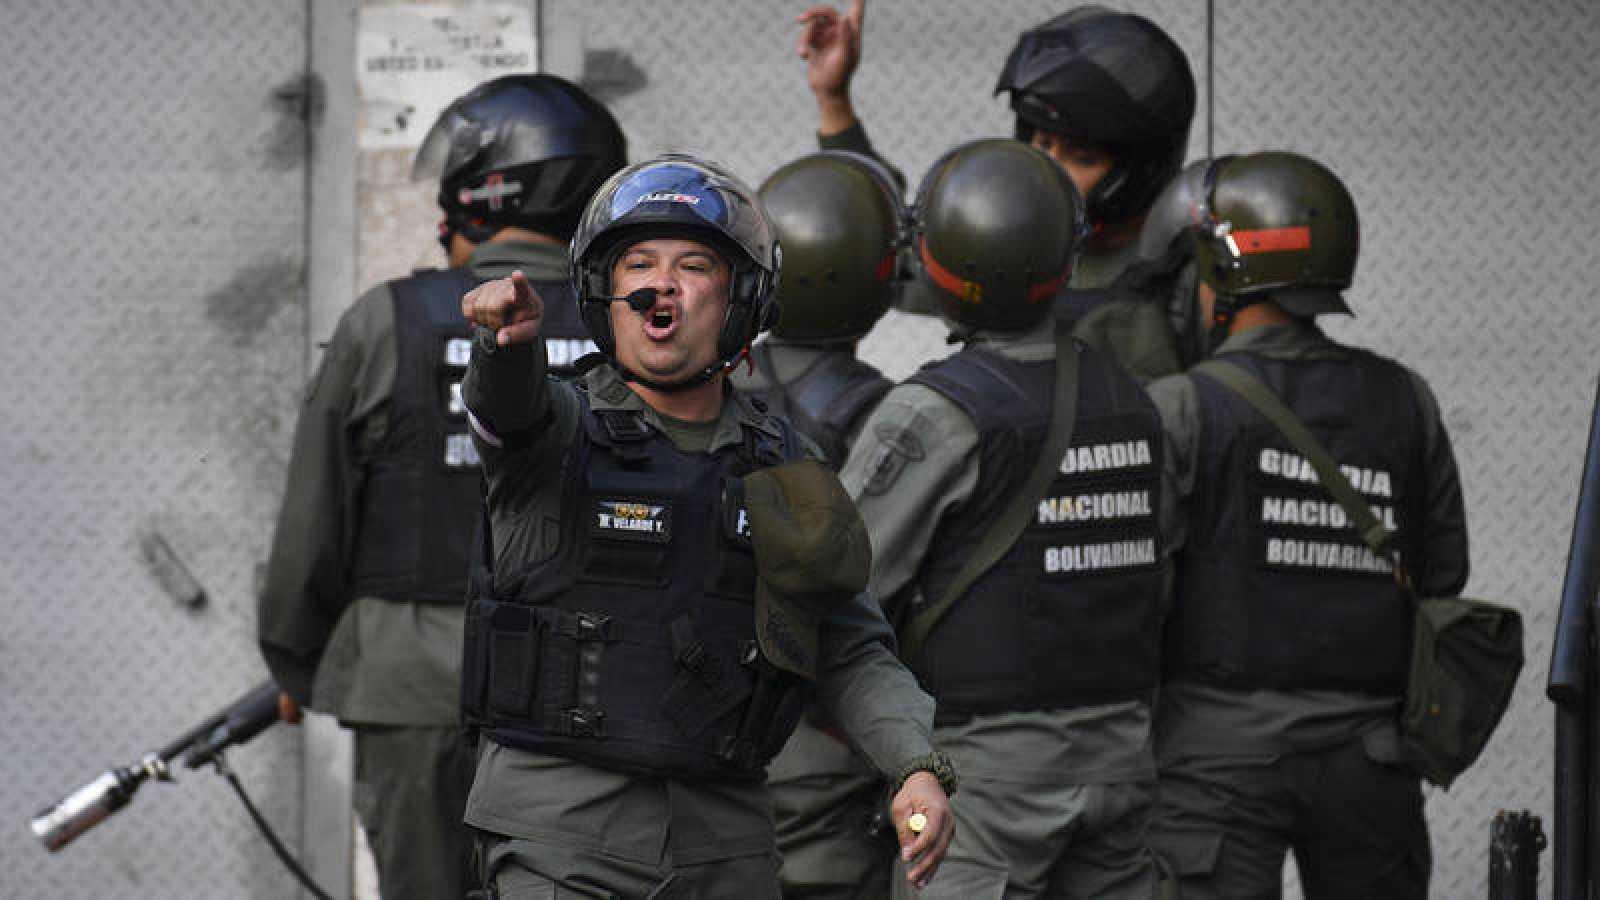 Miembros de la Guardia Nacional Bolivariana se enfrentan a los manifestantes cerca de la base del grupo militar sublevado